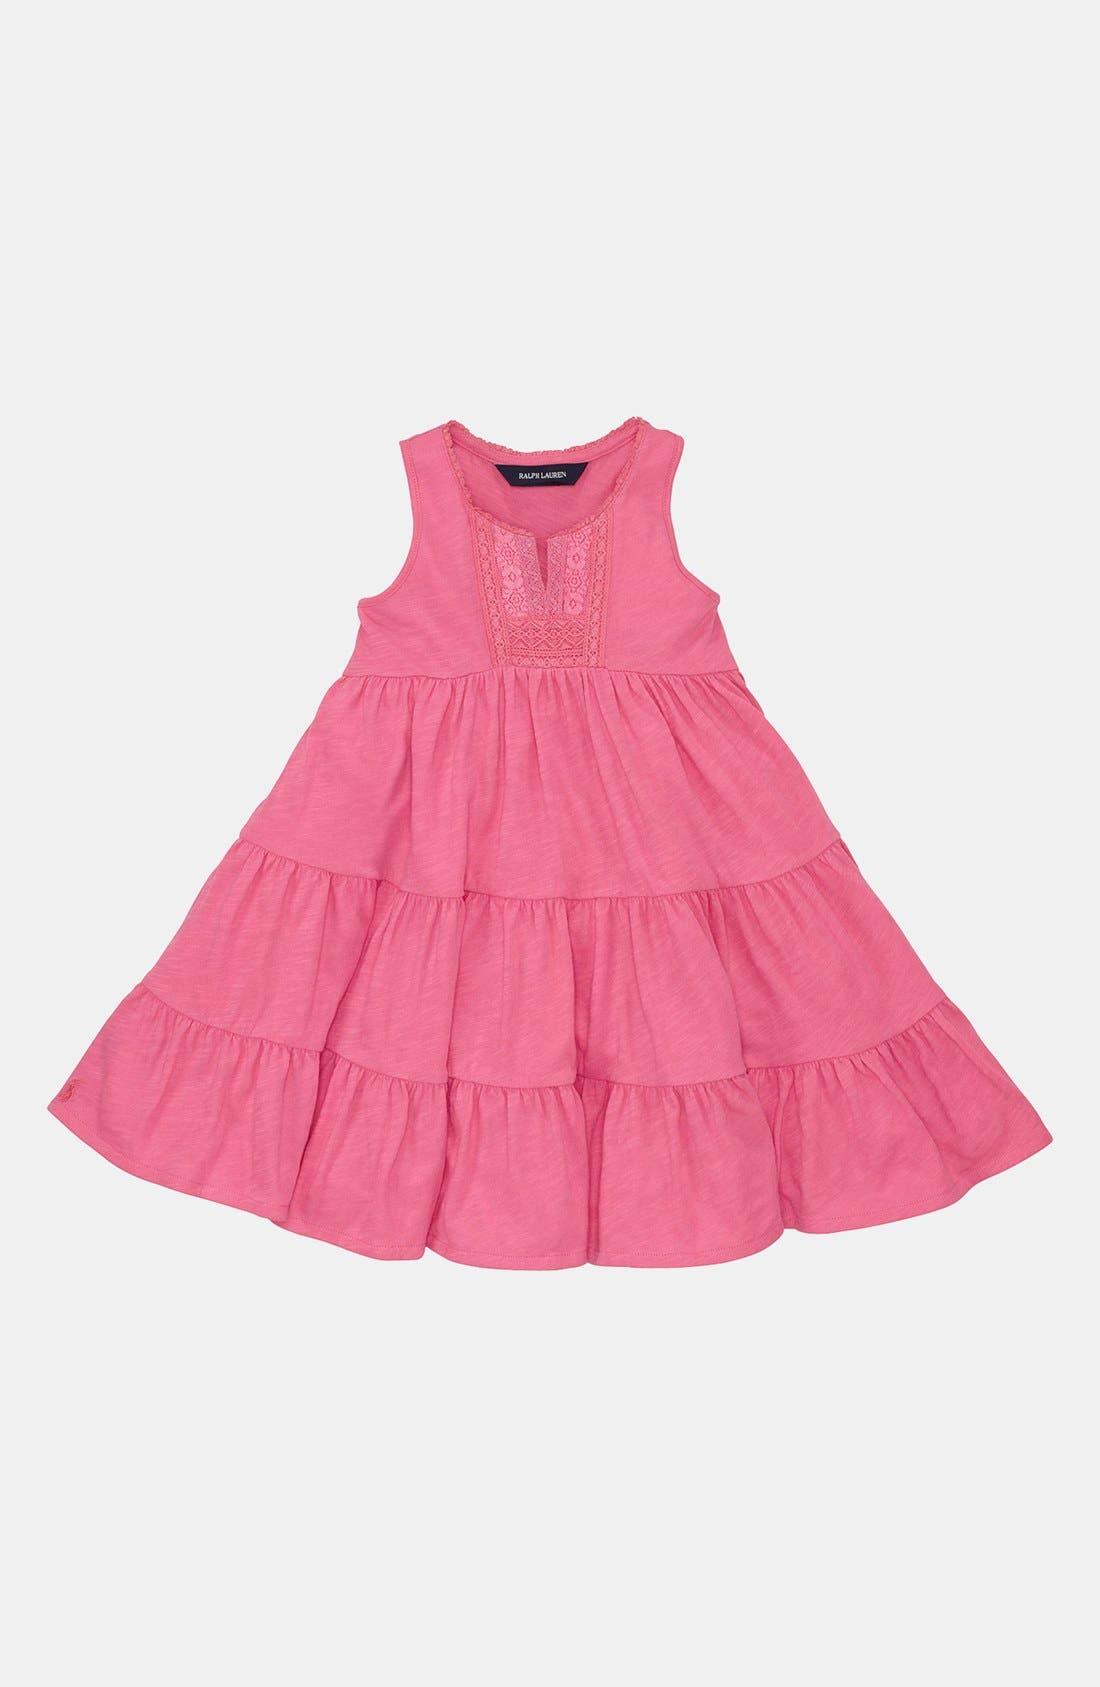 Alternate Image 1 Selected - Ralph Lauren Sleeveless Dress (Toddler Girls)